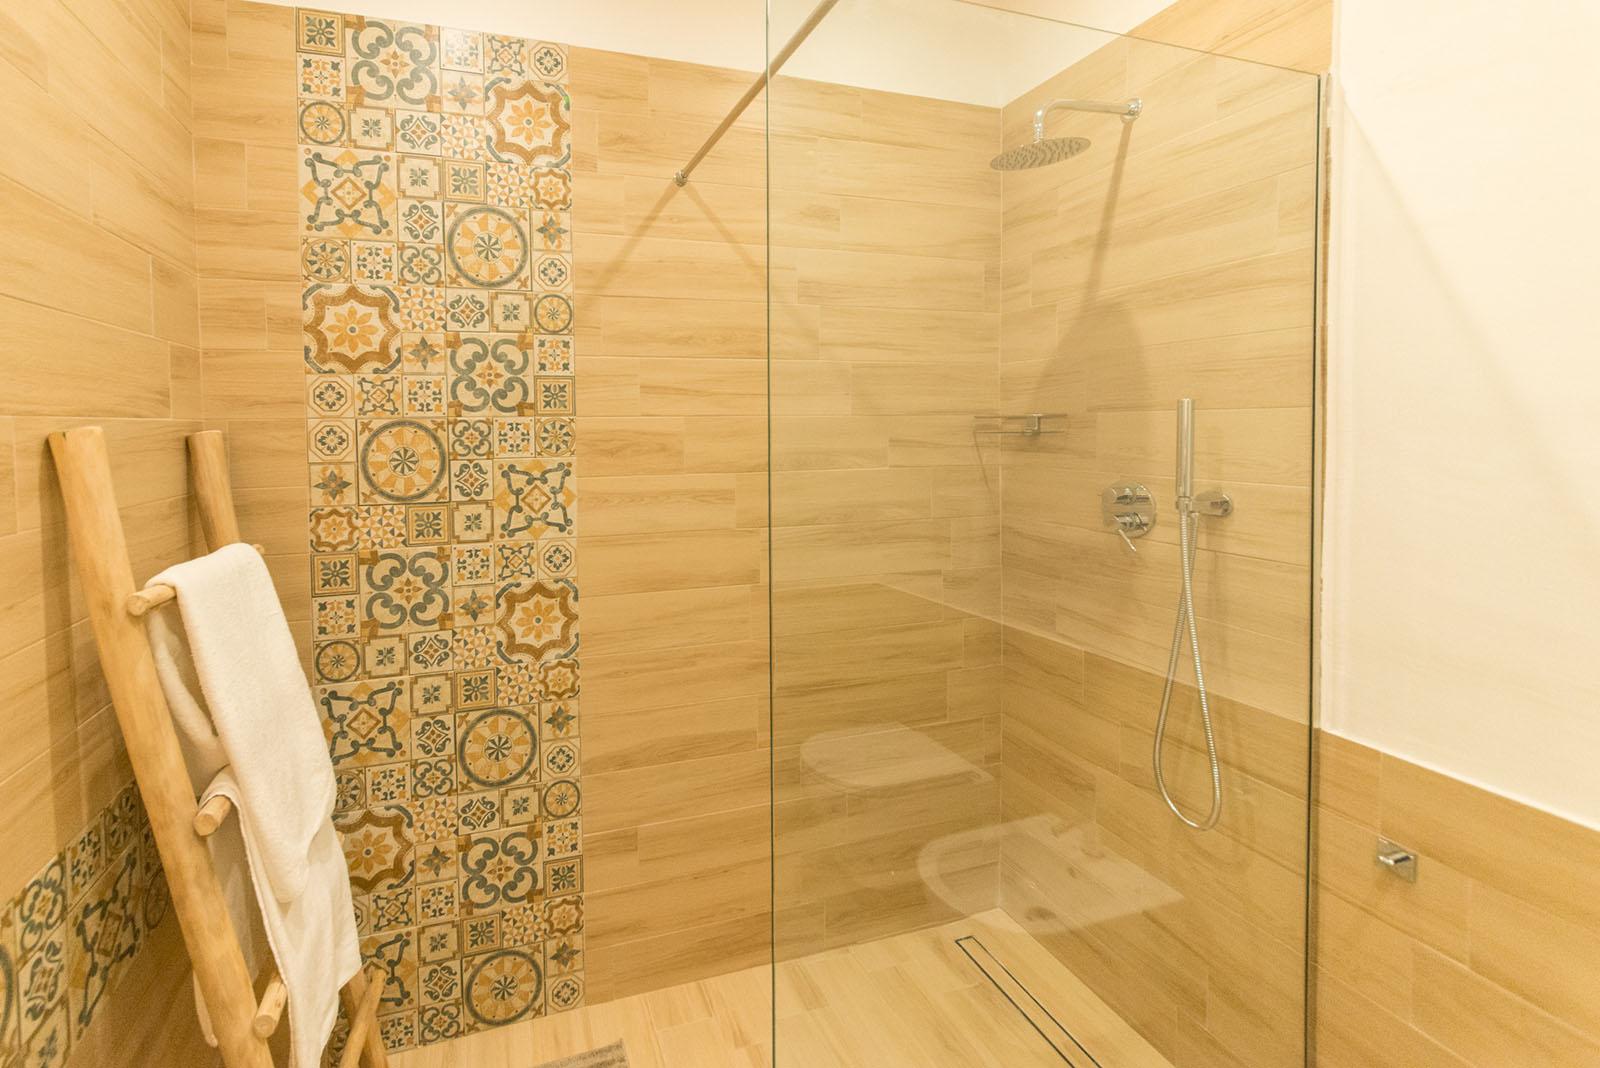 bed and breakfast agropoli progettazione architettonica domotica salerno break for two mare canopy room bagno 1 b&b